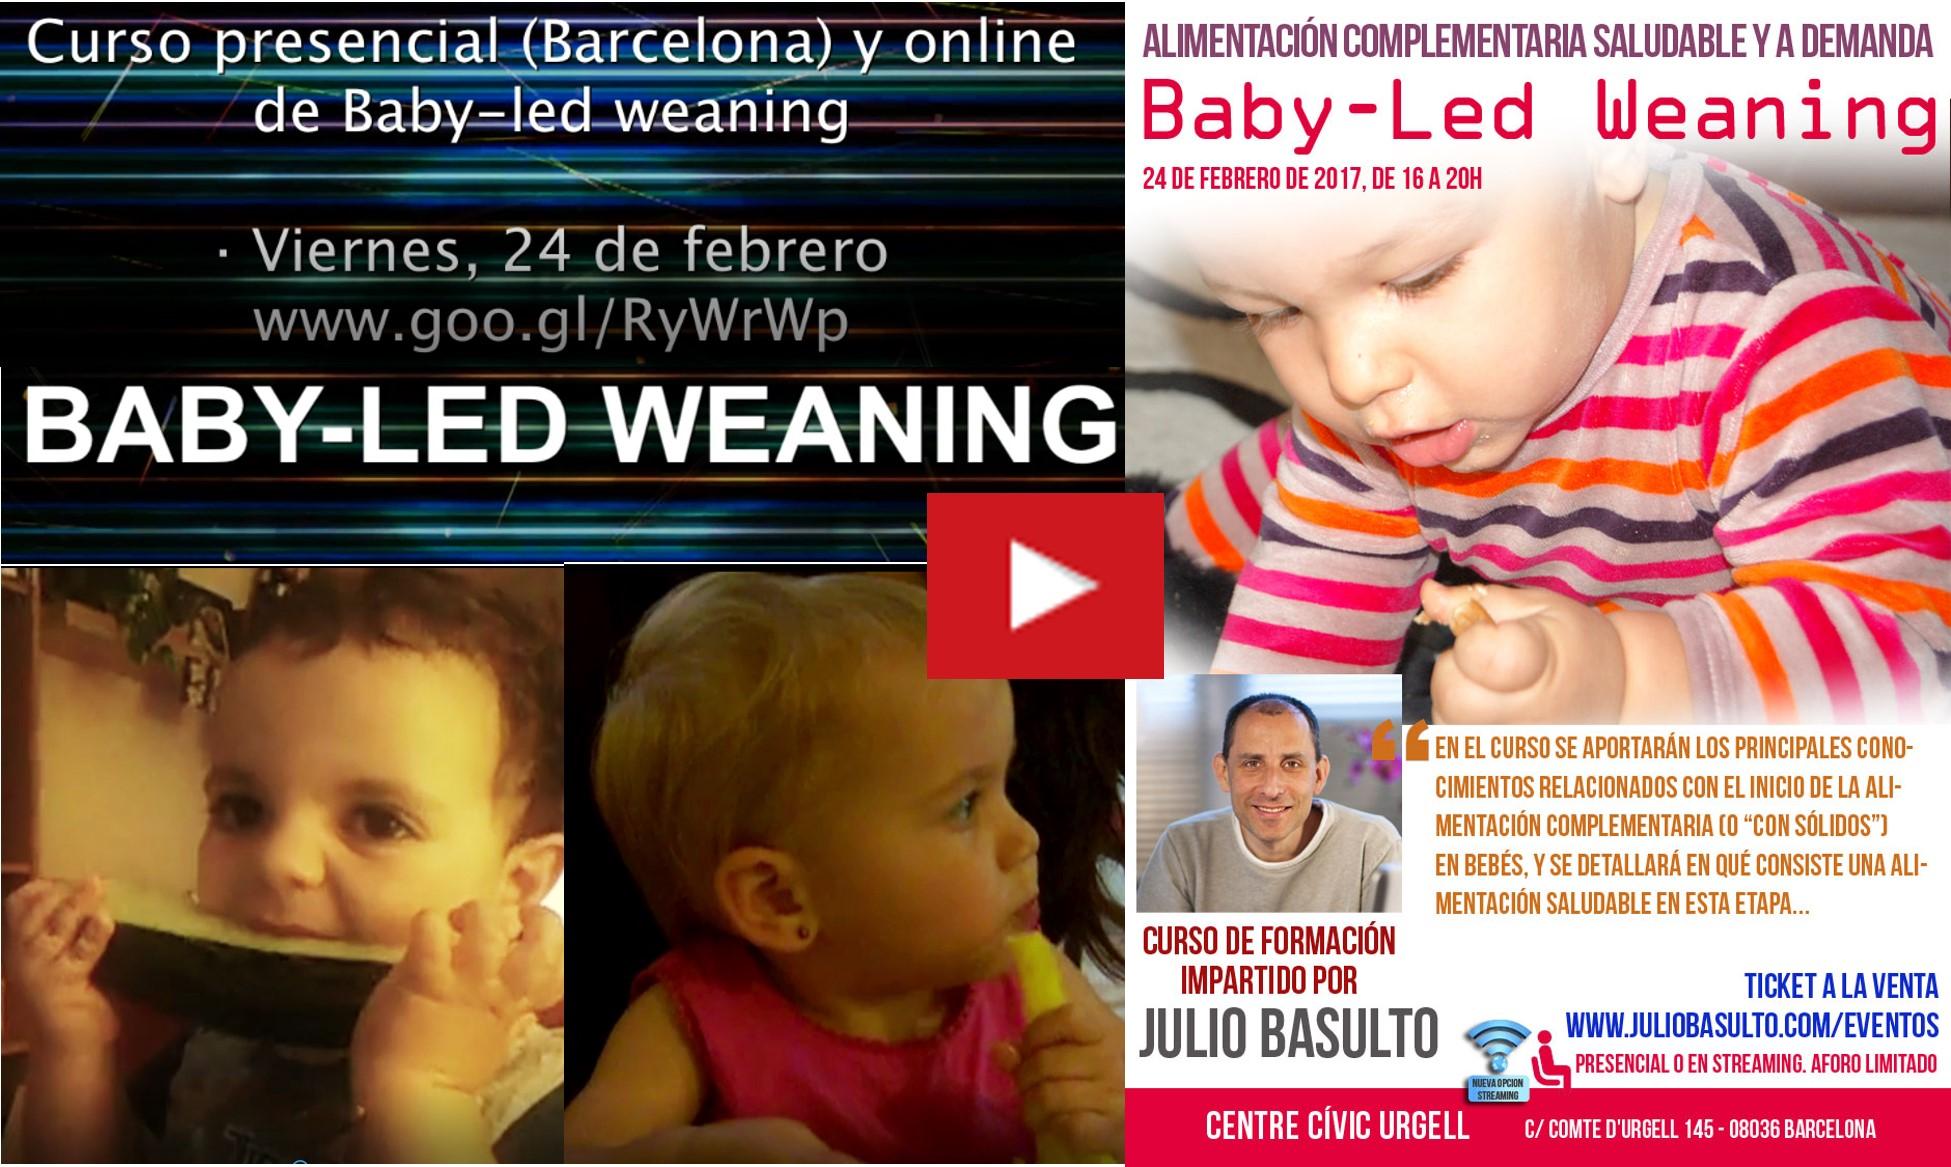 Últimas plazas (online) del curso de Baby-led weaning. Vídeo.